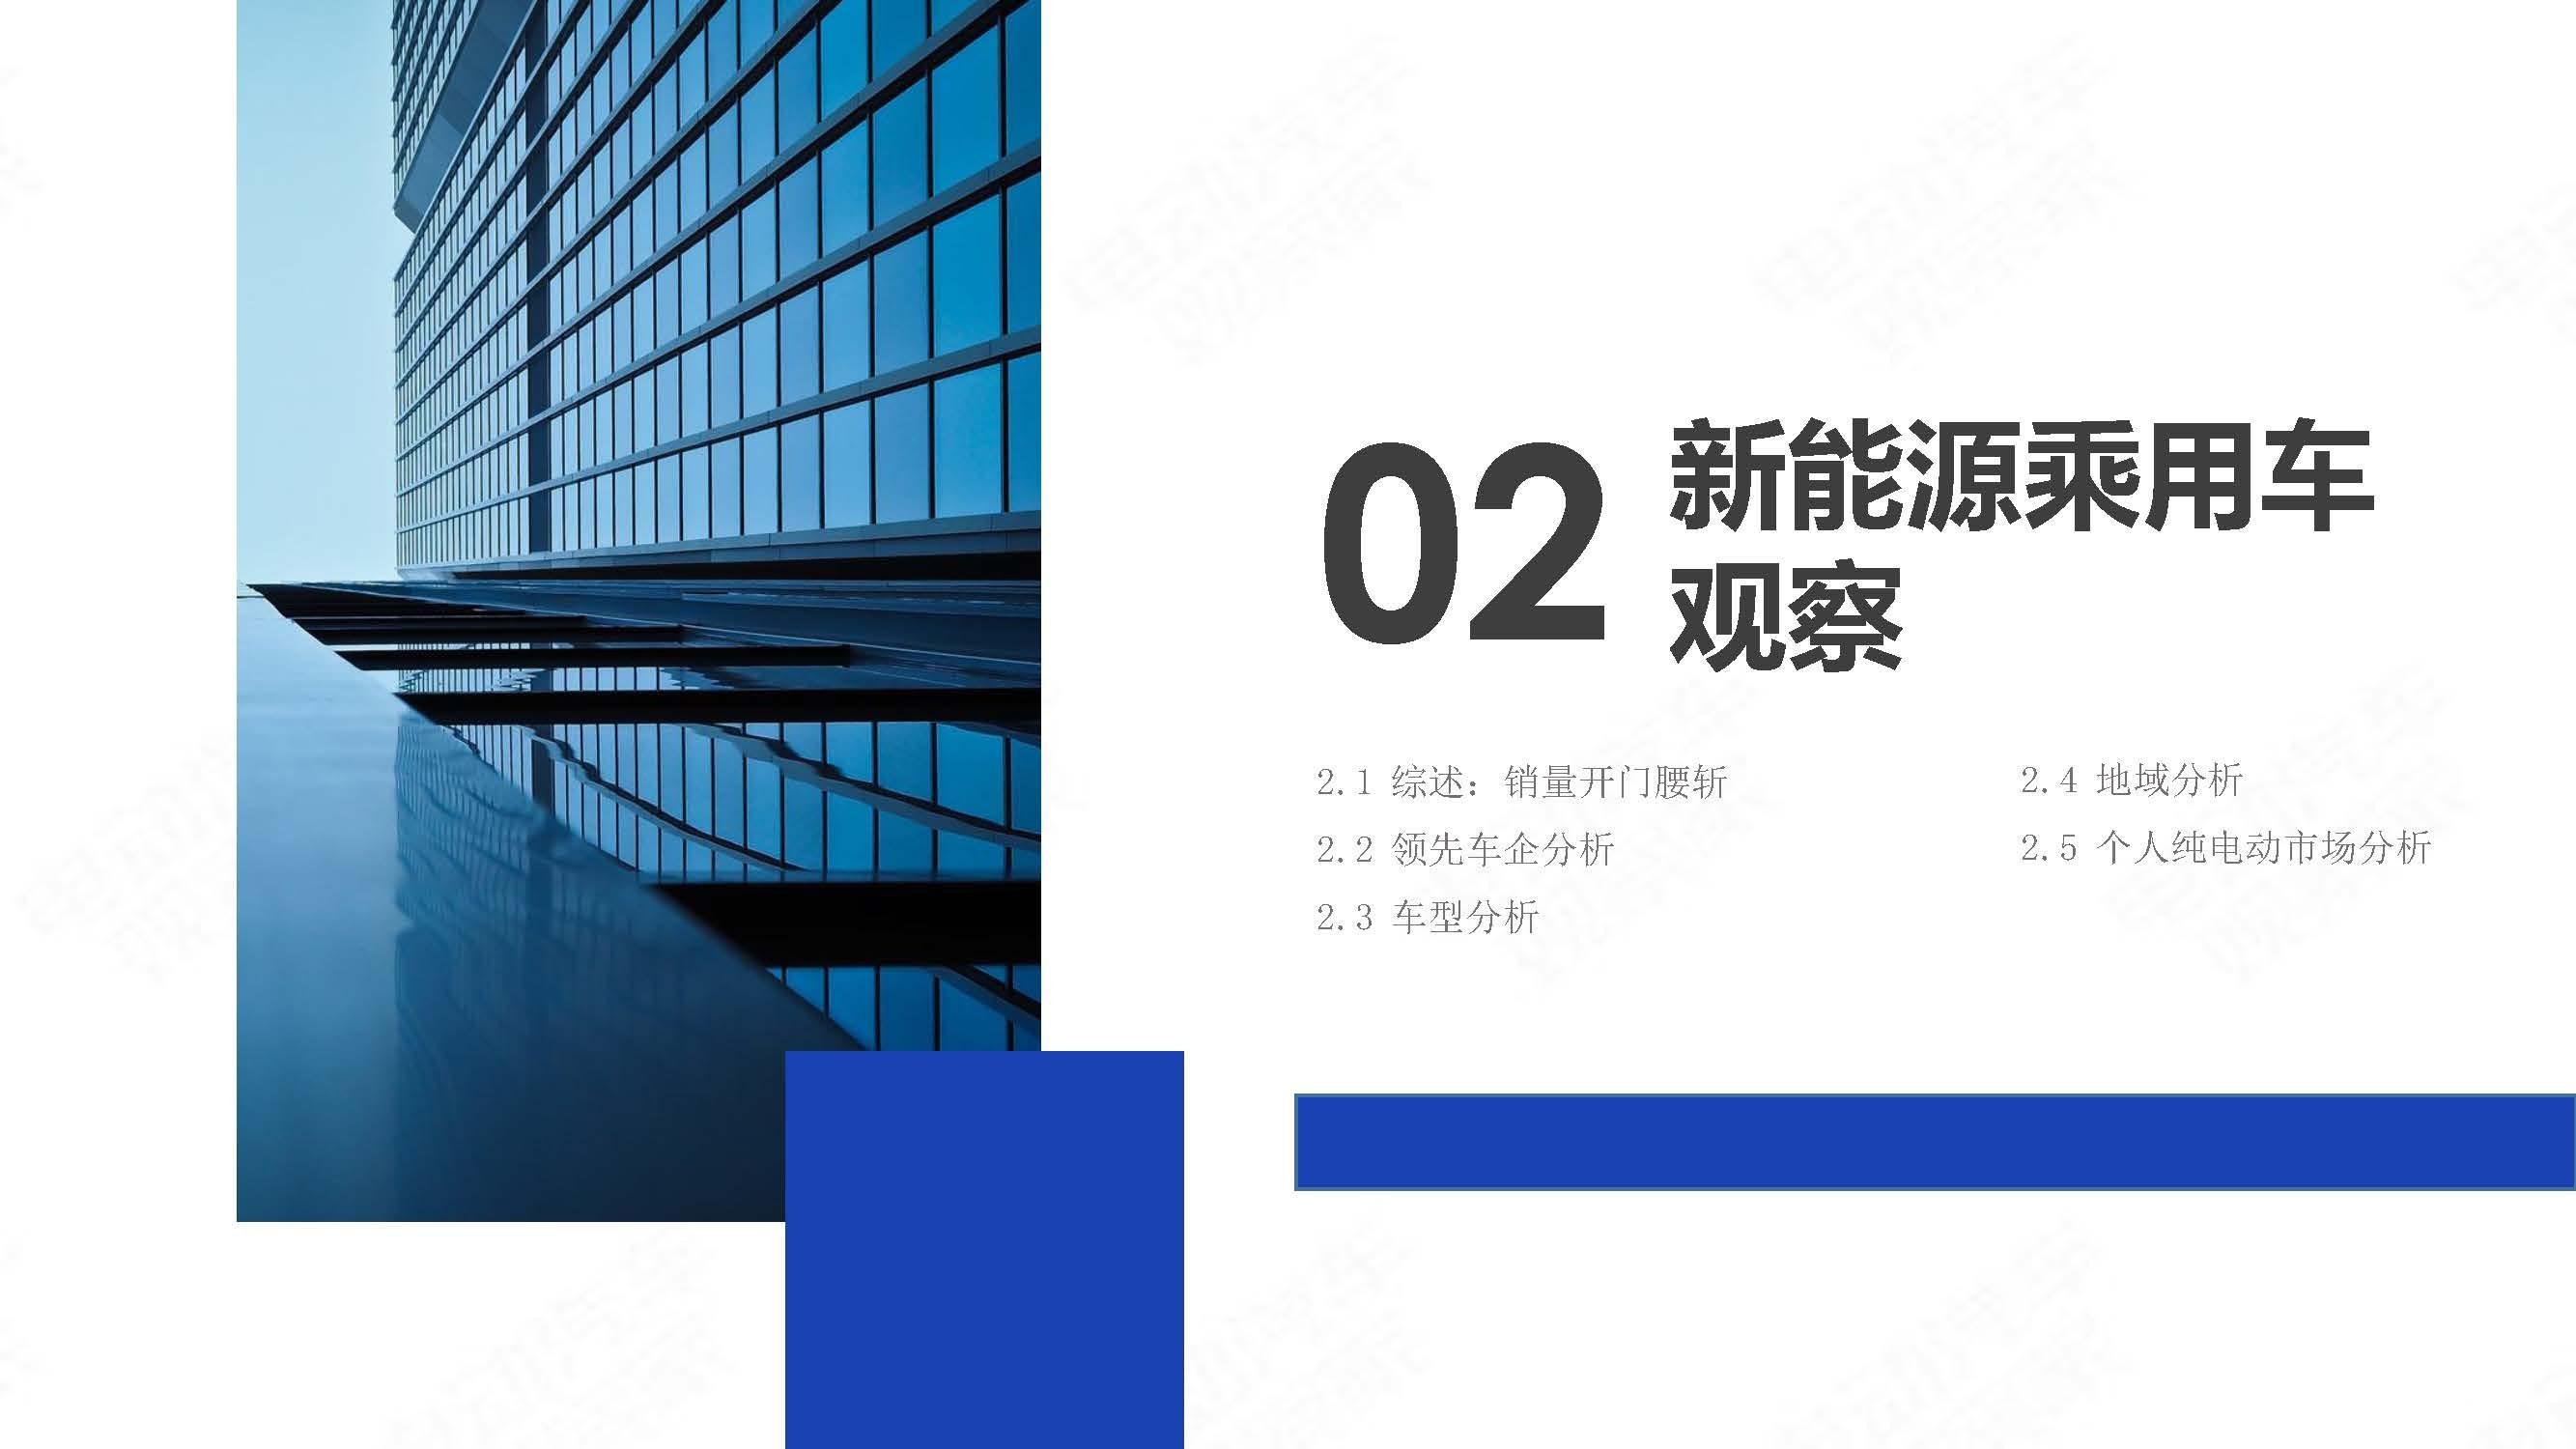 中国新能源汽车产业观察202001简略版_页面_05